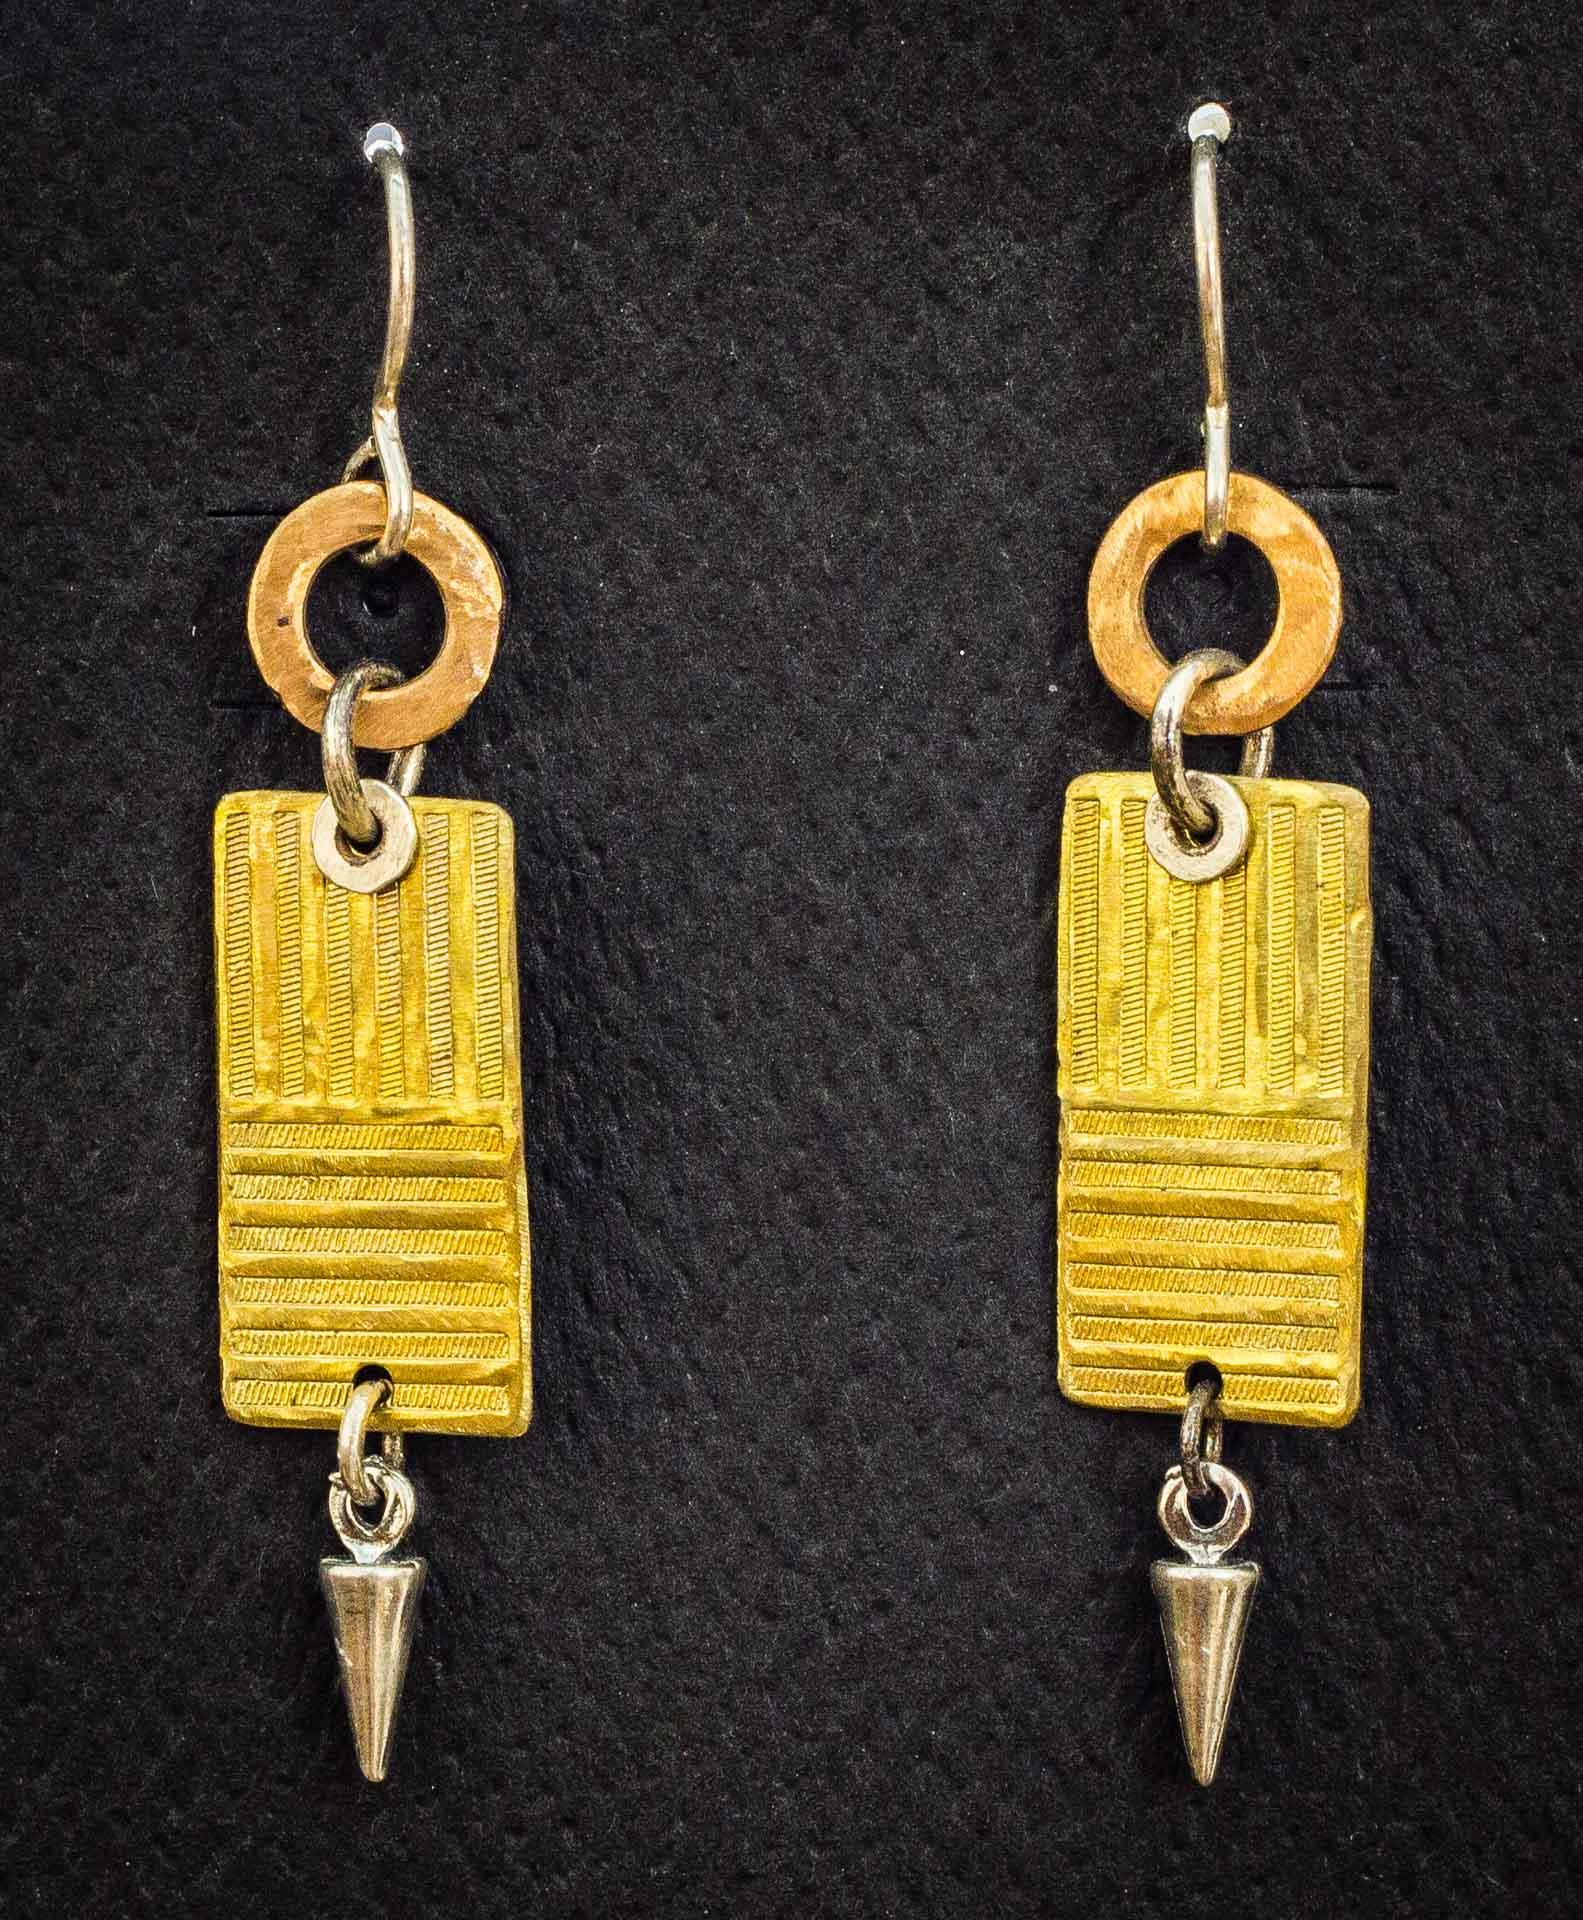 Earring pair 2 by Susie Hettleman